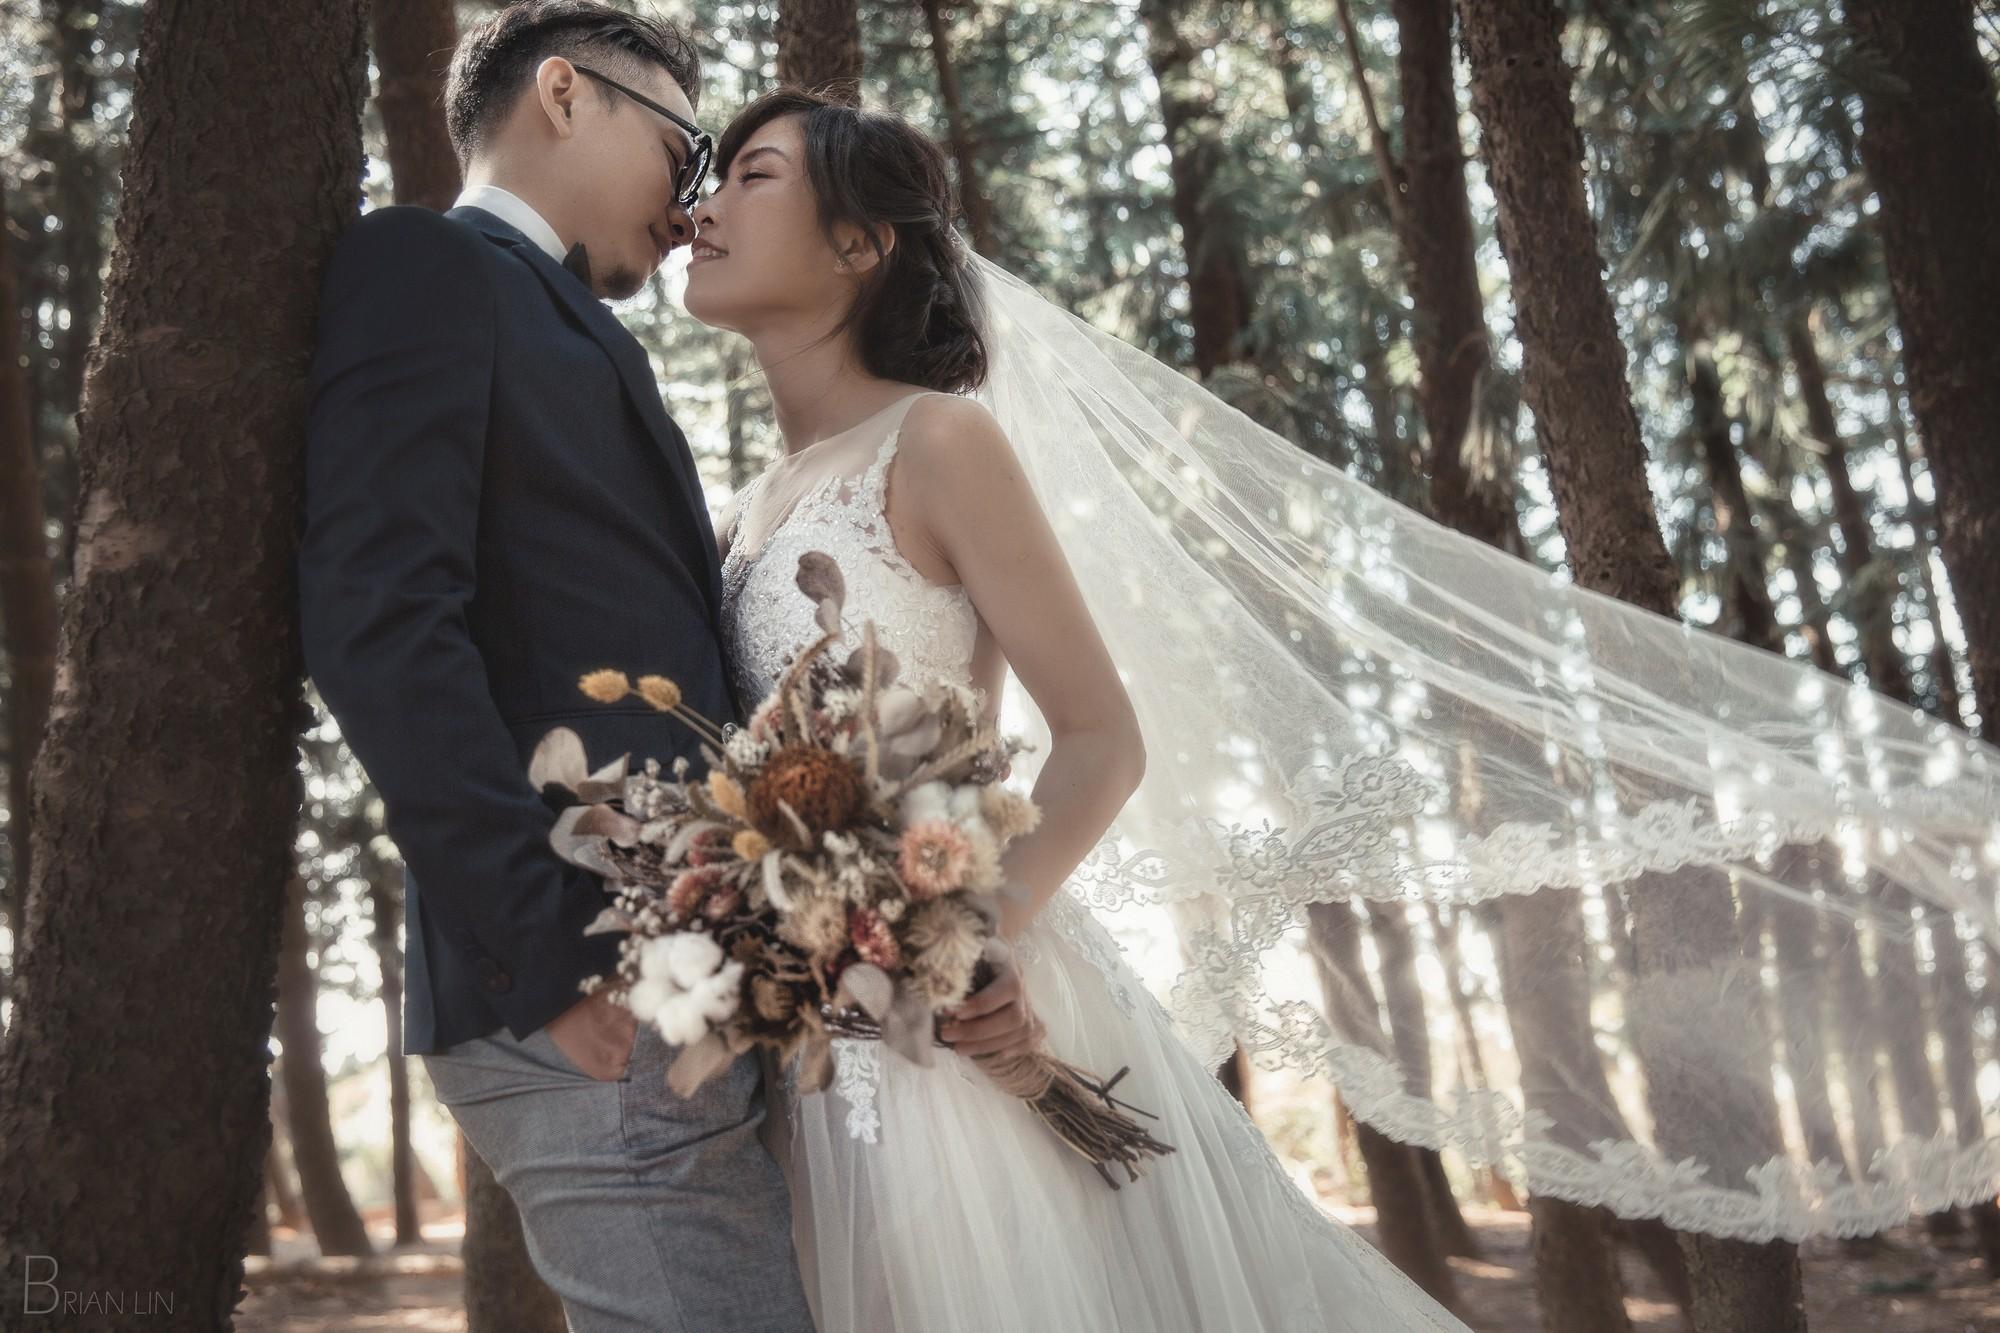 婚紗照推薦,自助婚紗攝影,台灣婚紗